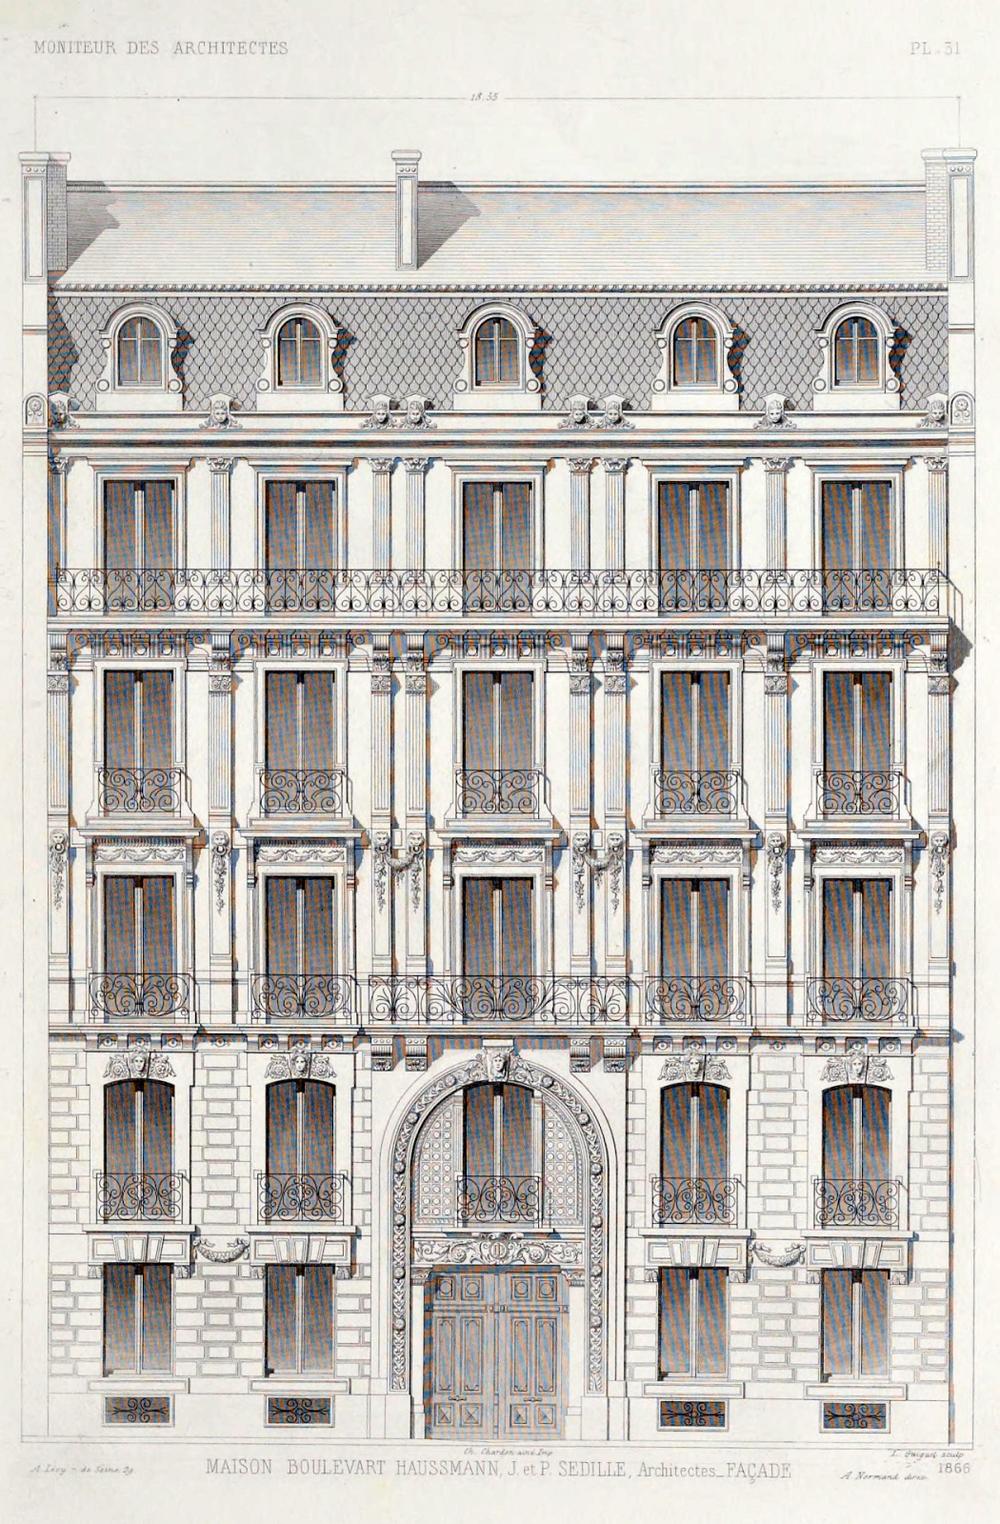 A typical Haussmannian building